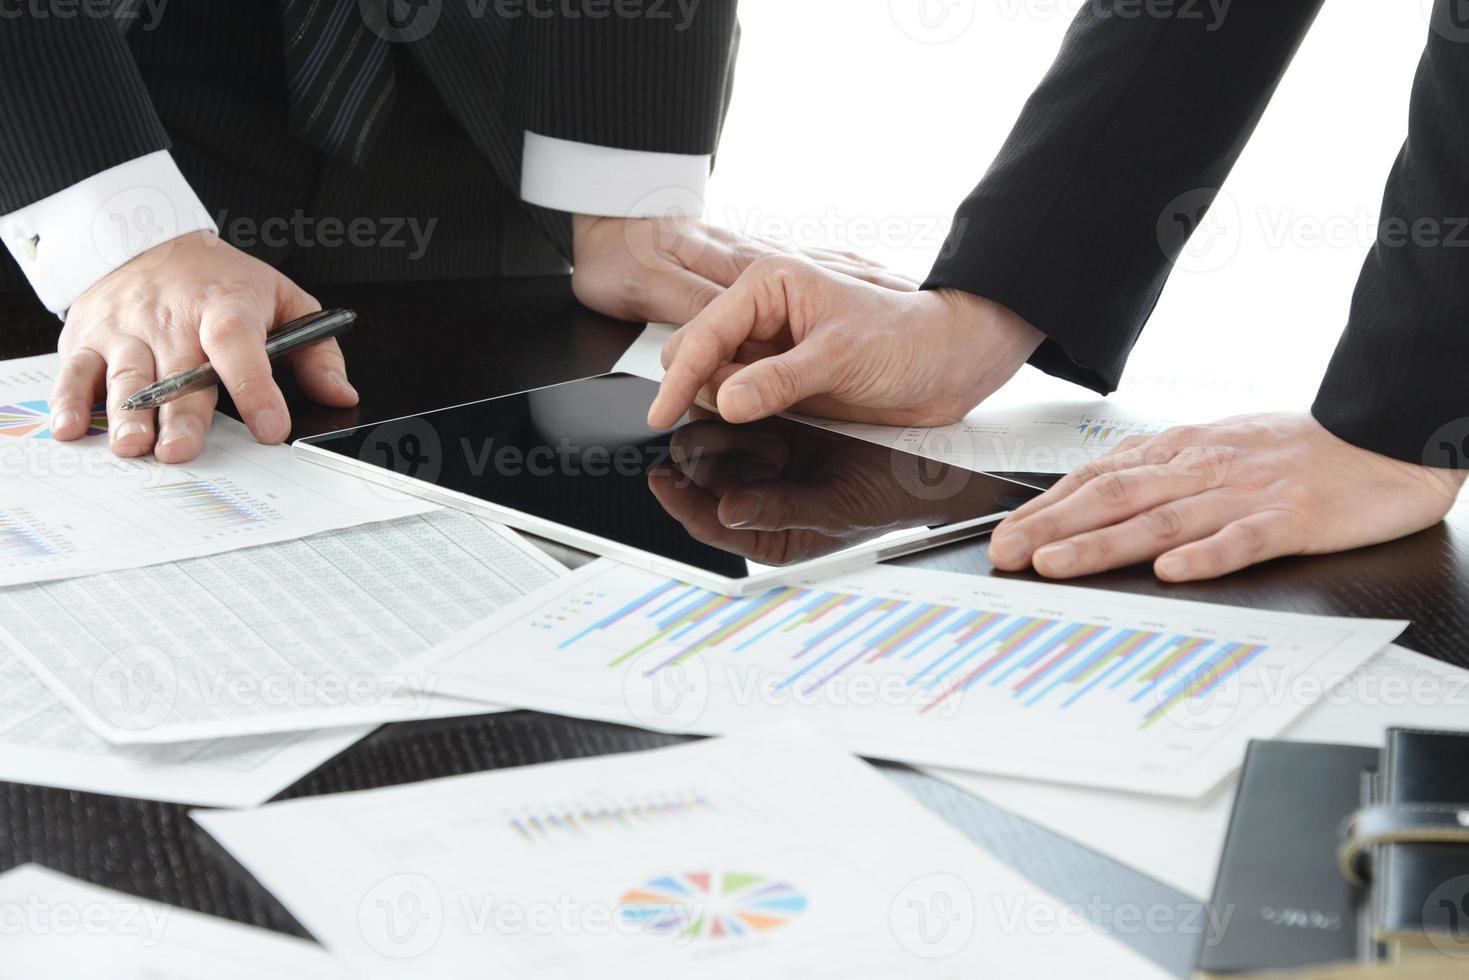 reunião de negócios com tablet digital e papéis foto